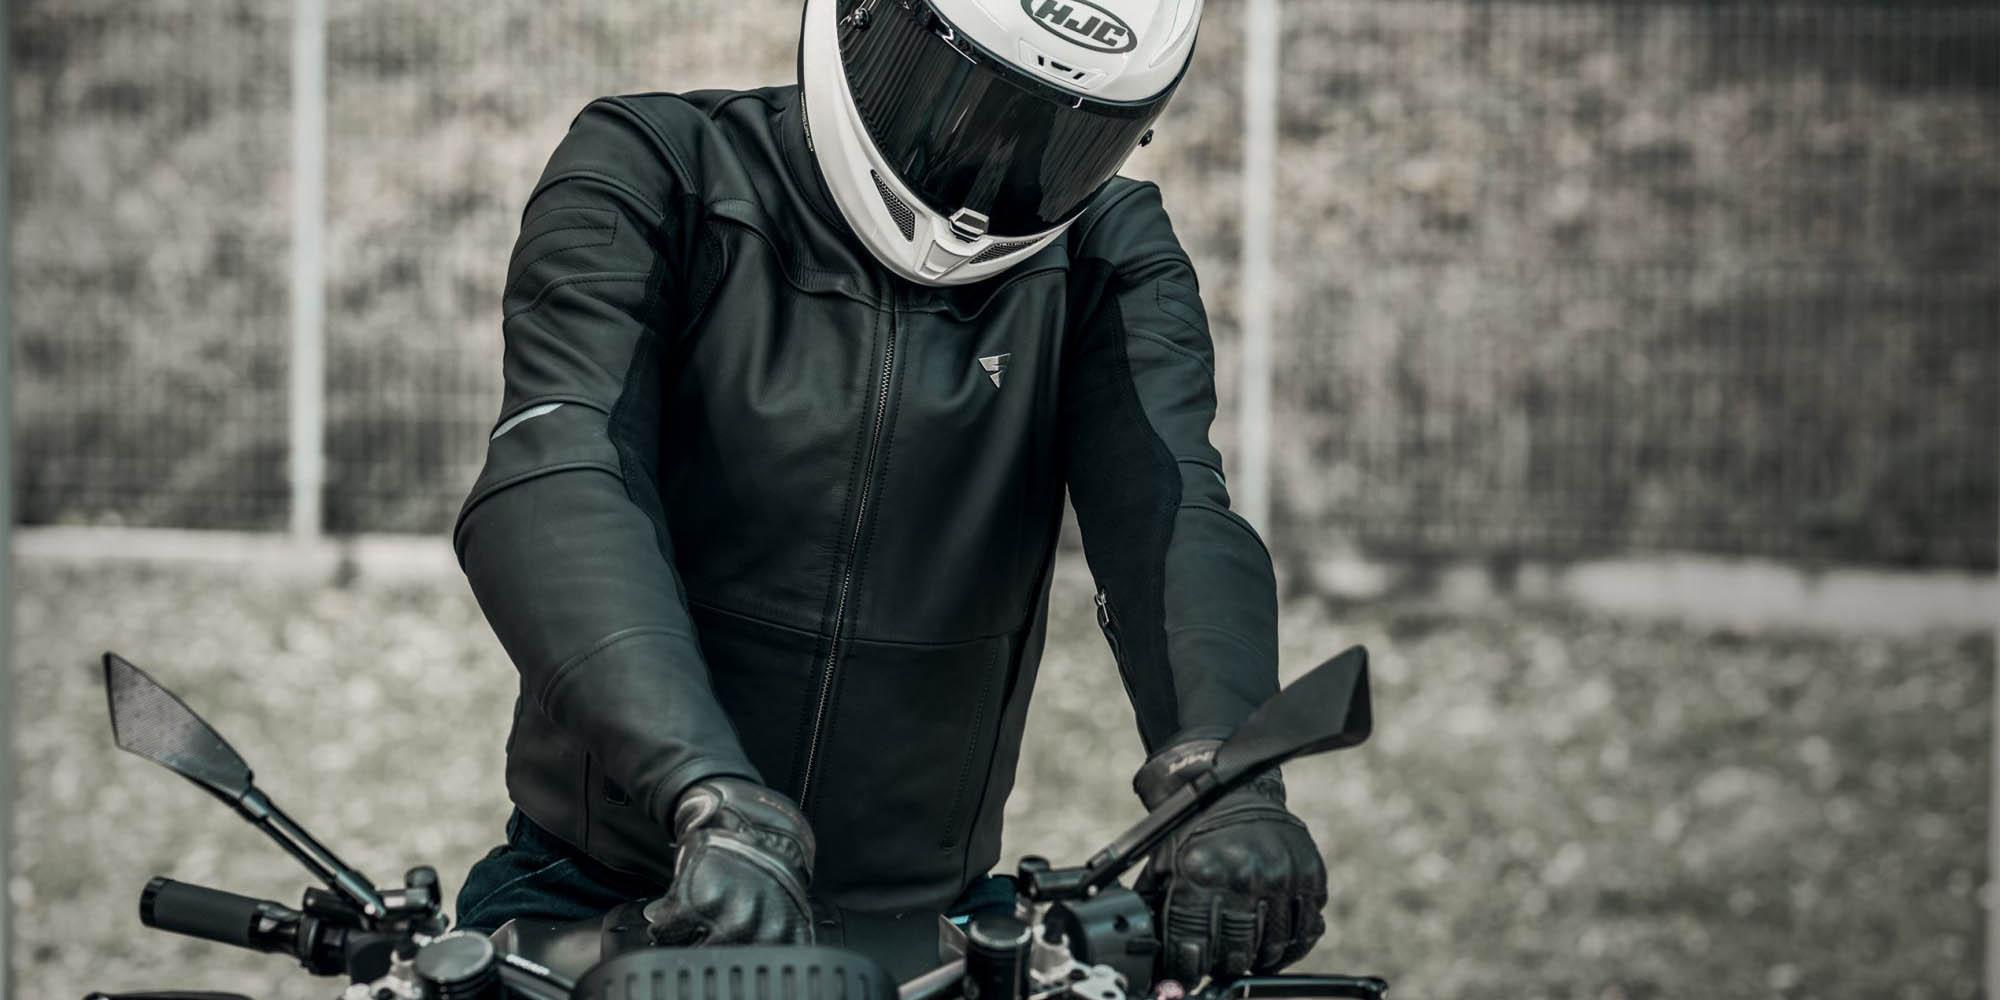 Кожаная куртка SHIMA SHADOW TFL классическая для мотоциклистов вид байк купить по низкой цене